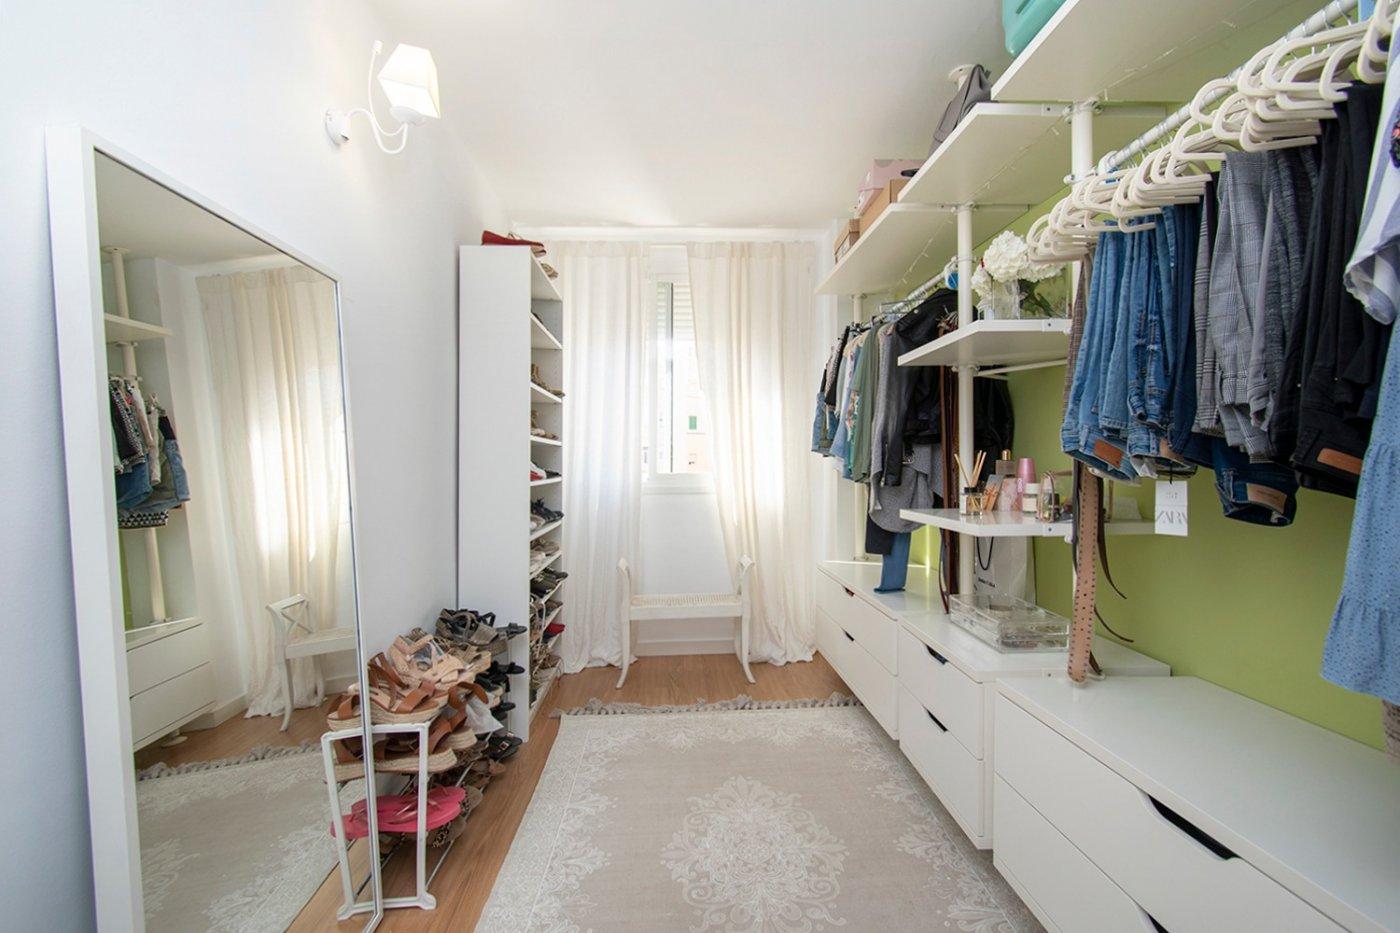 Ático-dÚplex de 3 habitaciones con terraza en planta en pedro garau (parking opcional) - imagenInmueble14